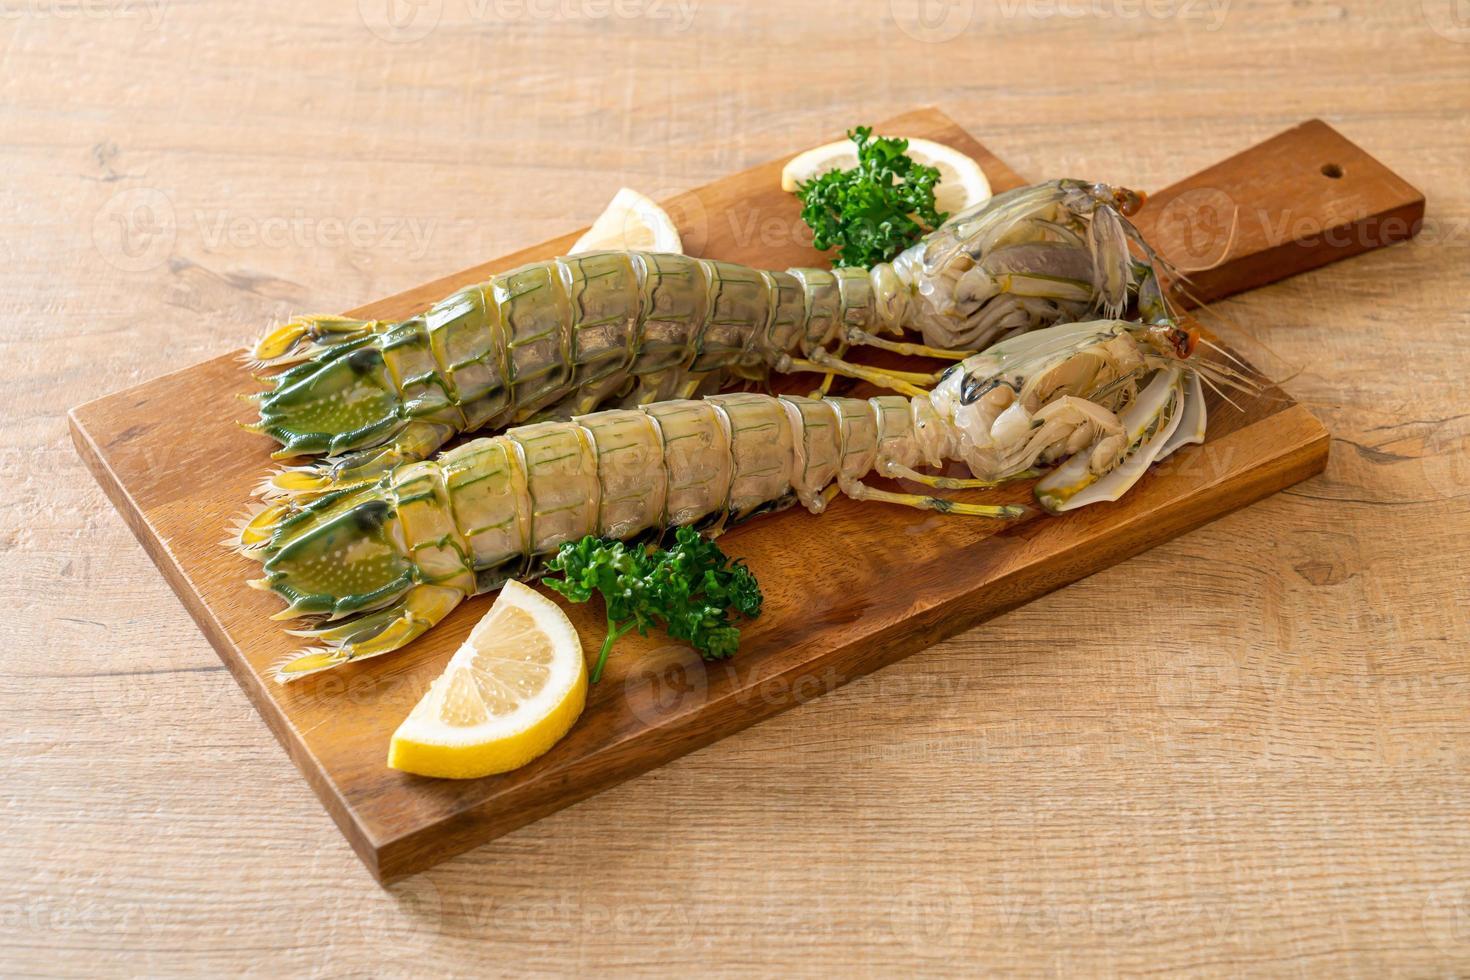 Fresh mantis shrimp with lemon on wood board photo